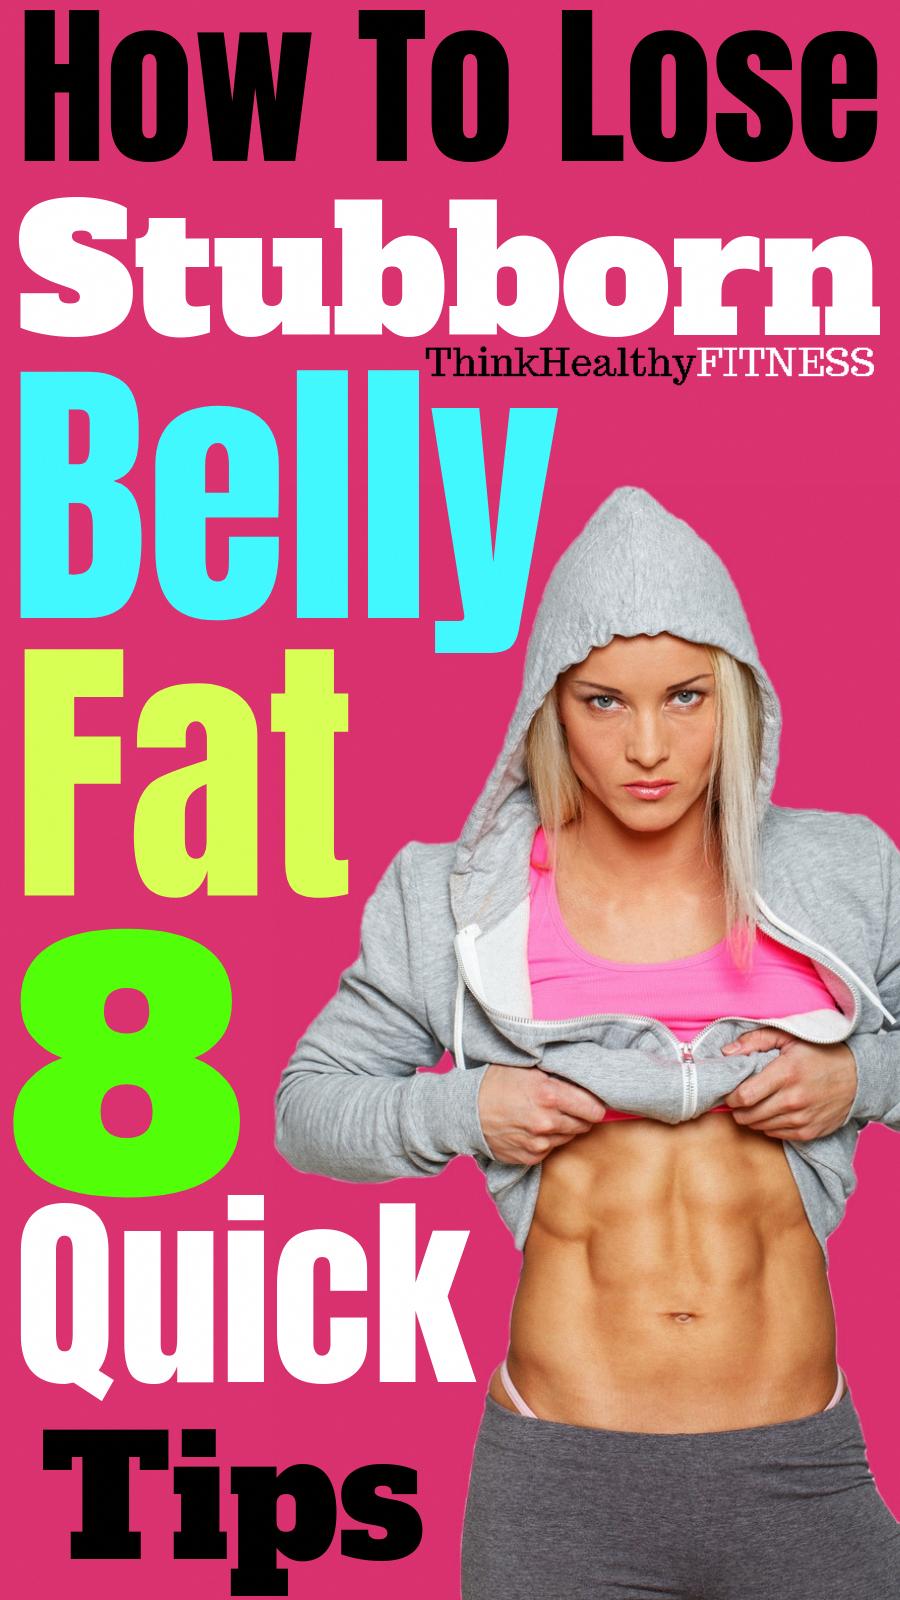 pierde belly fat fast wrap